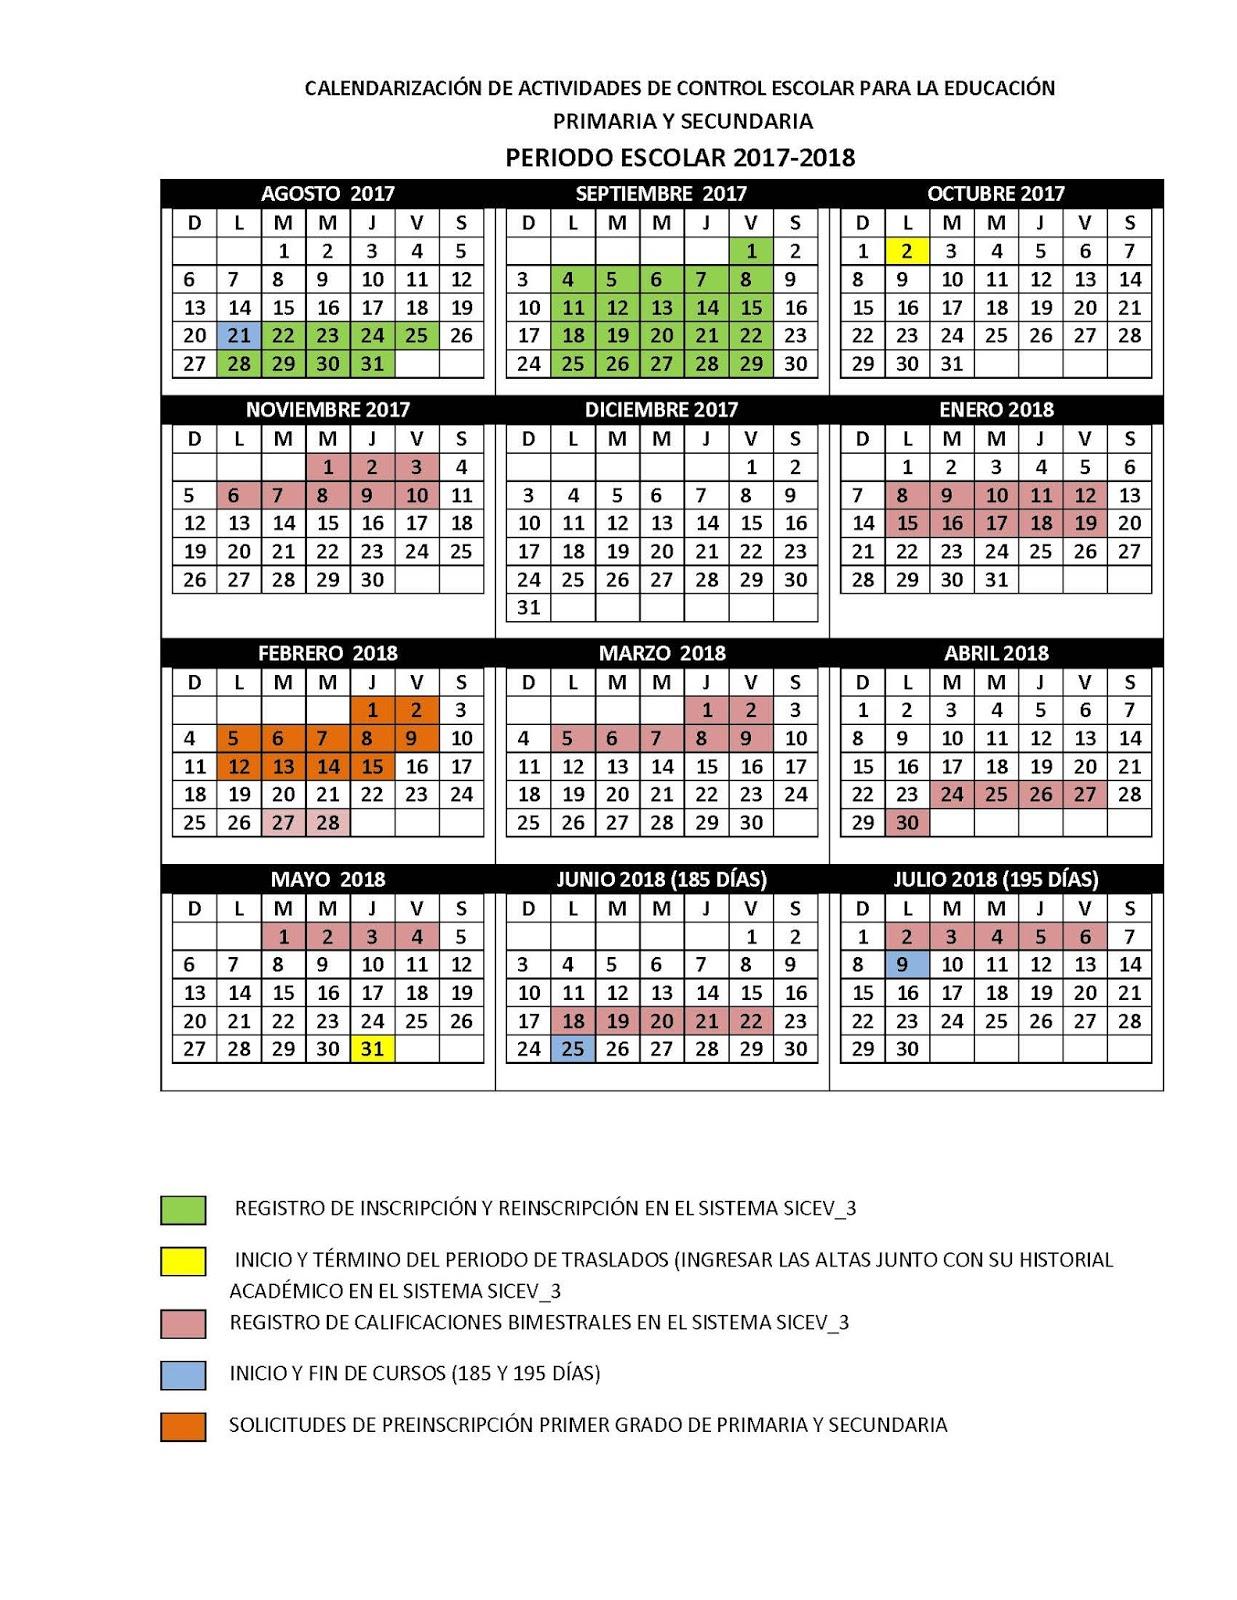 Calendario Control Escolar 2017-2018